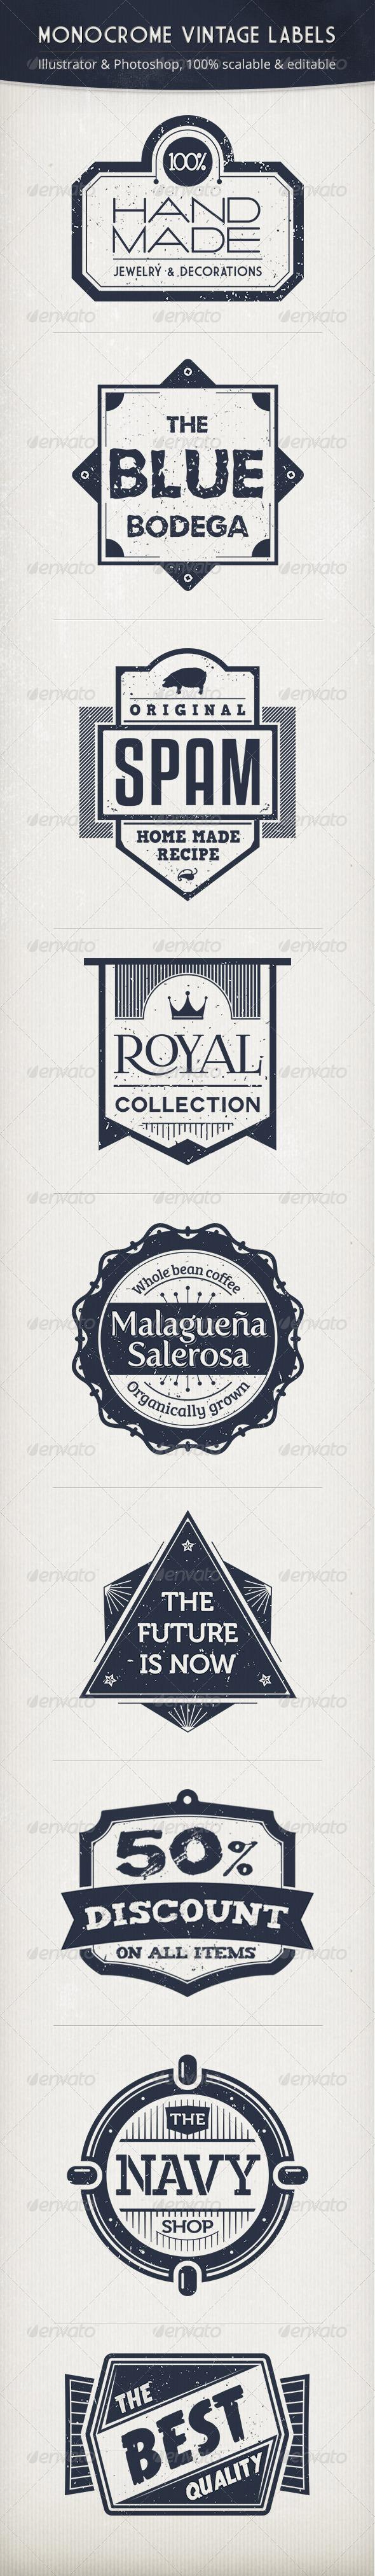 GraphicRiver Monochrome Vintage Labels 3933822